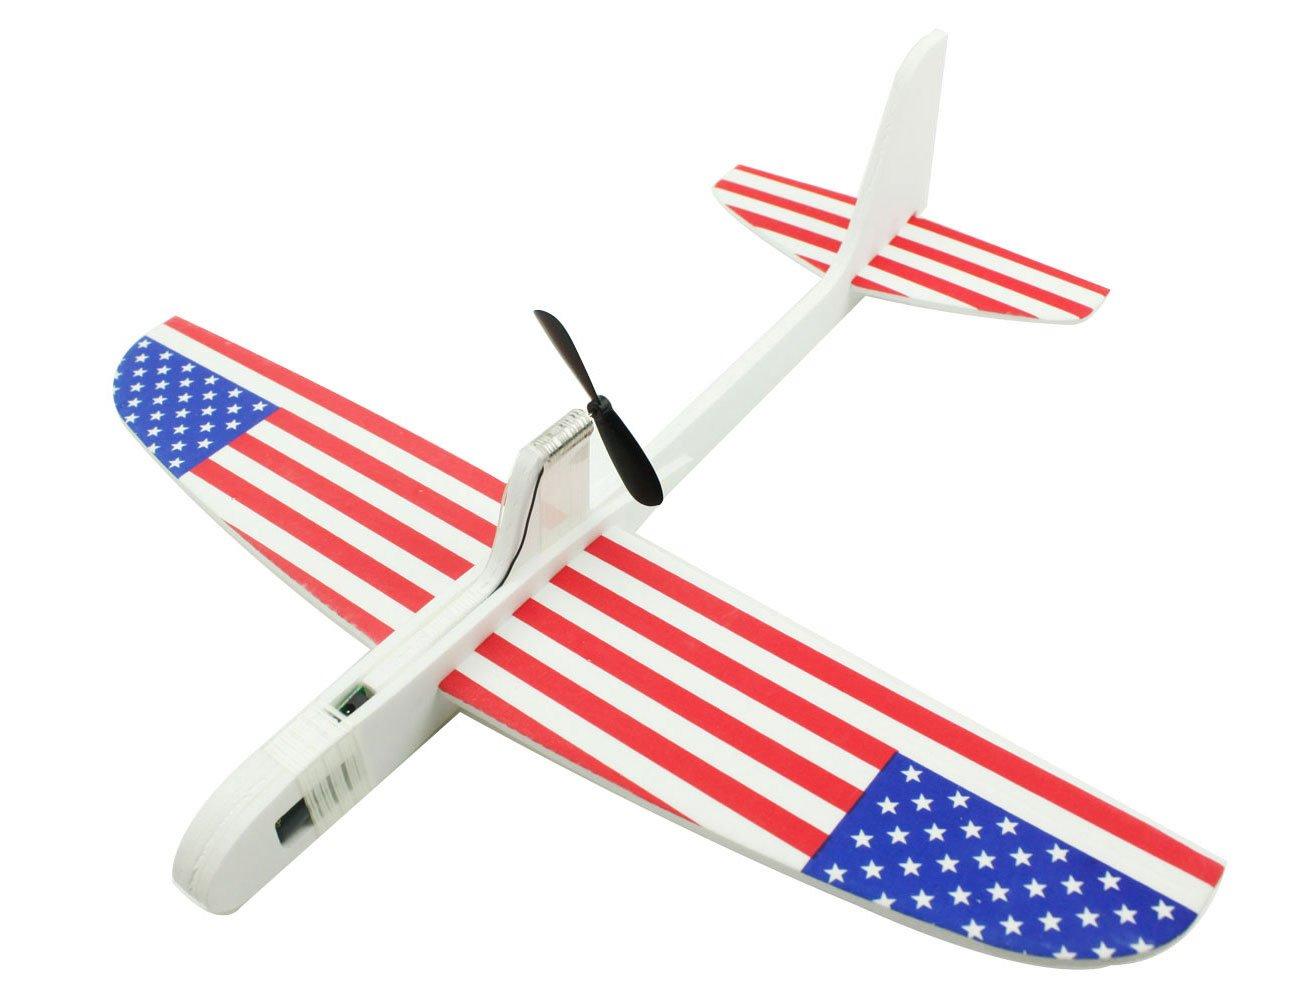 TSAAGAN Creative DIY Foam Airplane Kit Kids Educational Foam Airphane Toys -USA Flag